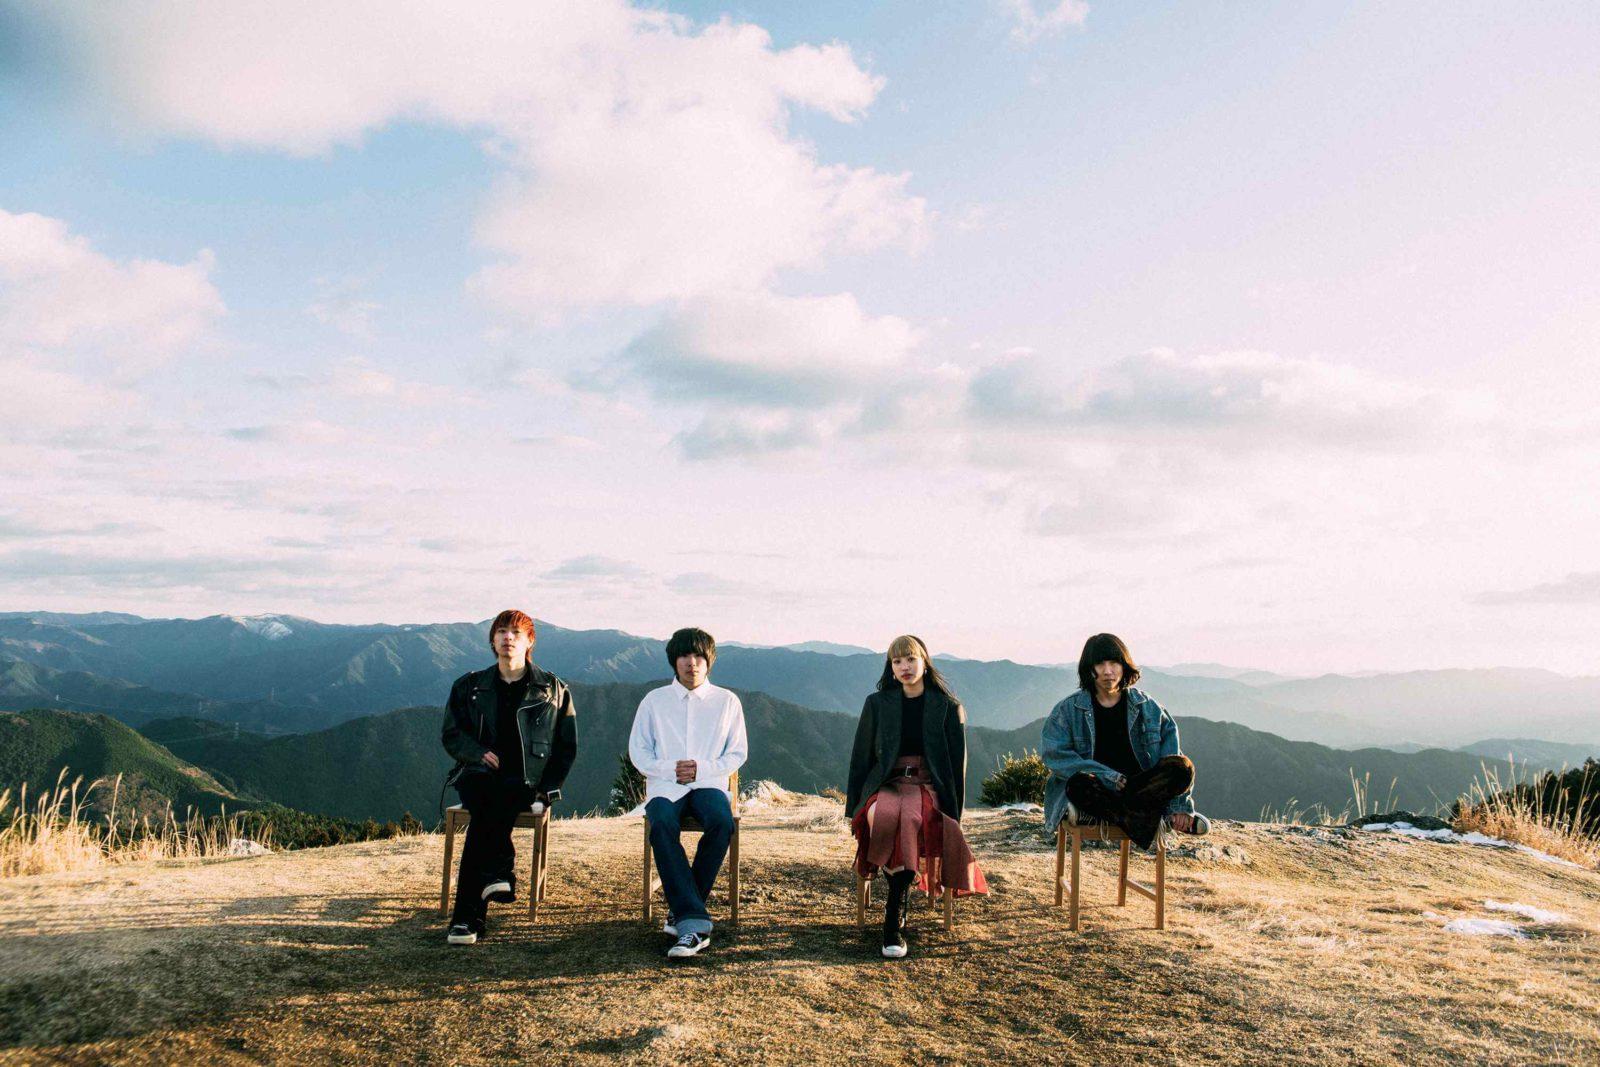 東京少年倶楽部、最新アルバムよりリード曲『flipper』のミュージックビデオを公開サムネイル画像